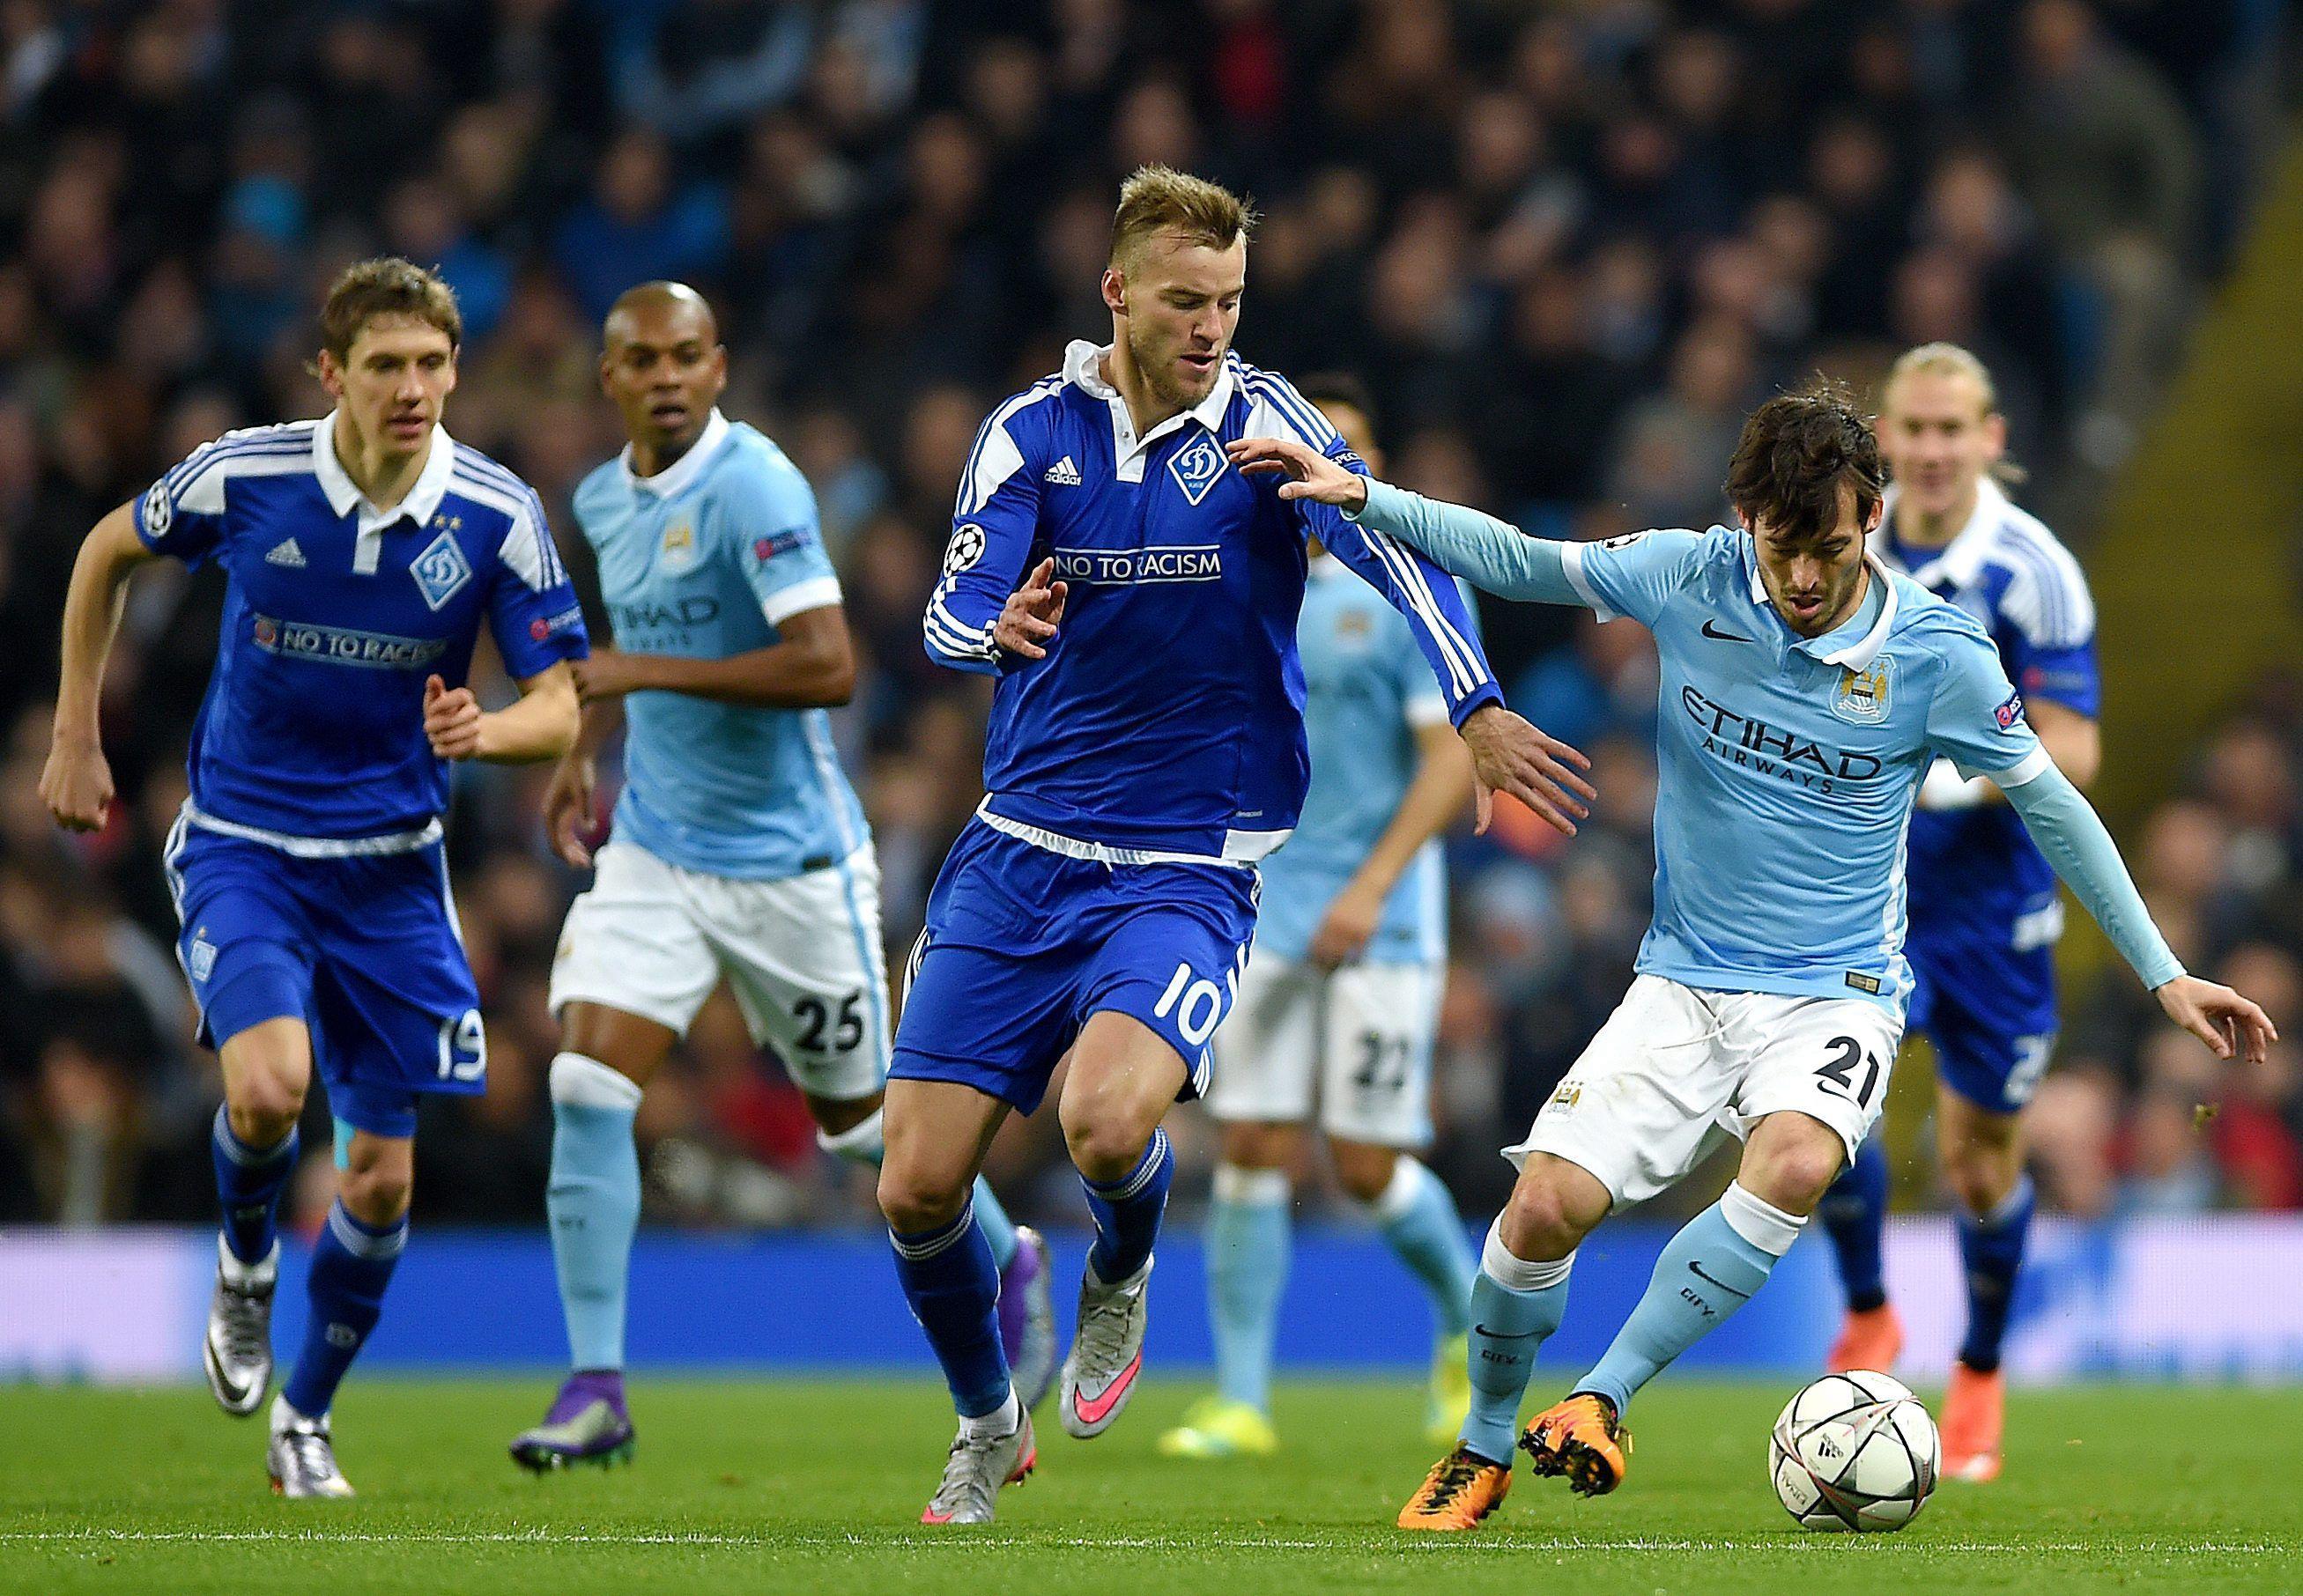 Manchester City cumplió y pasó a cuartos de final de la Champions